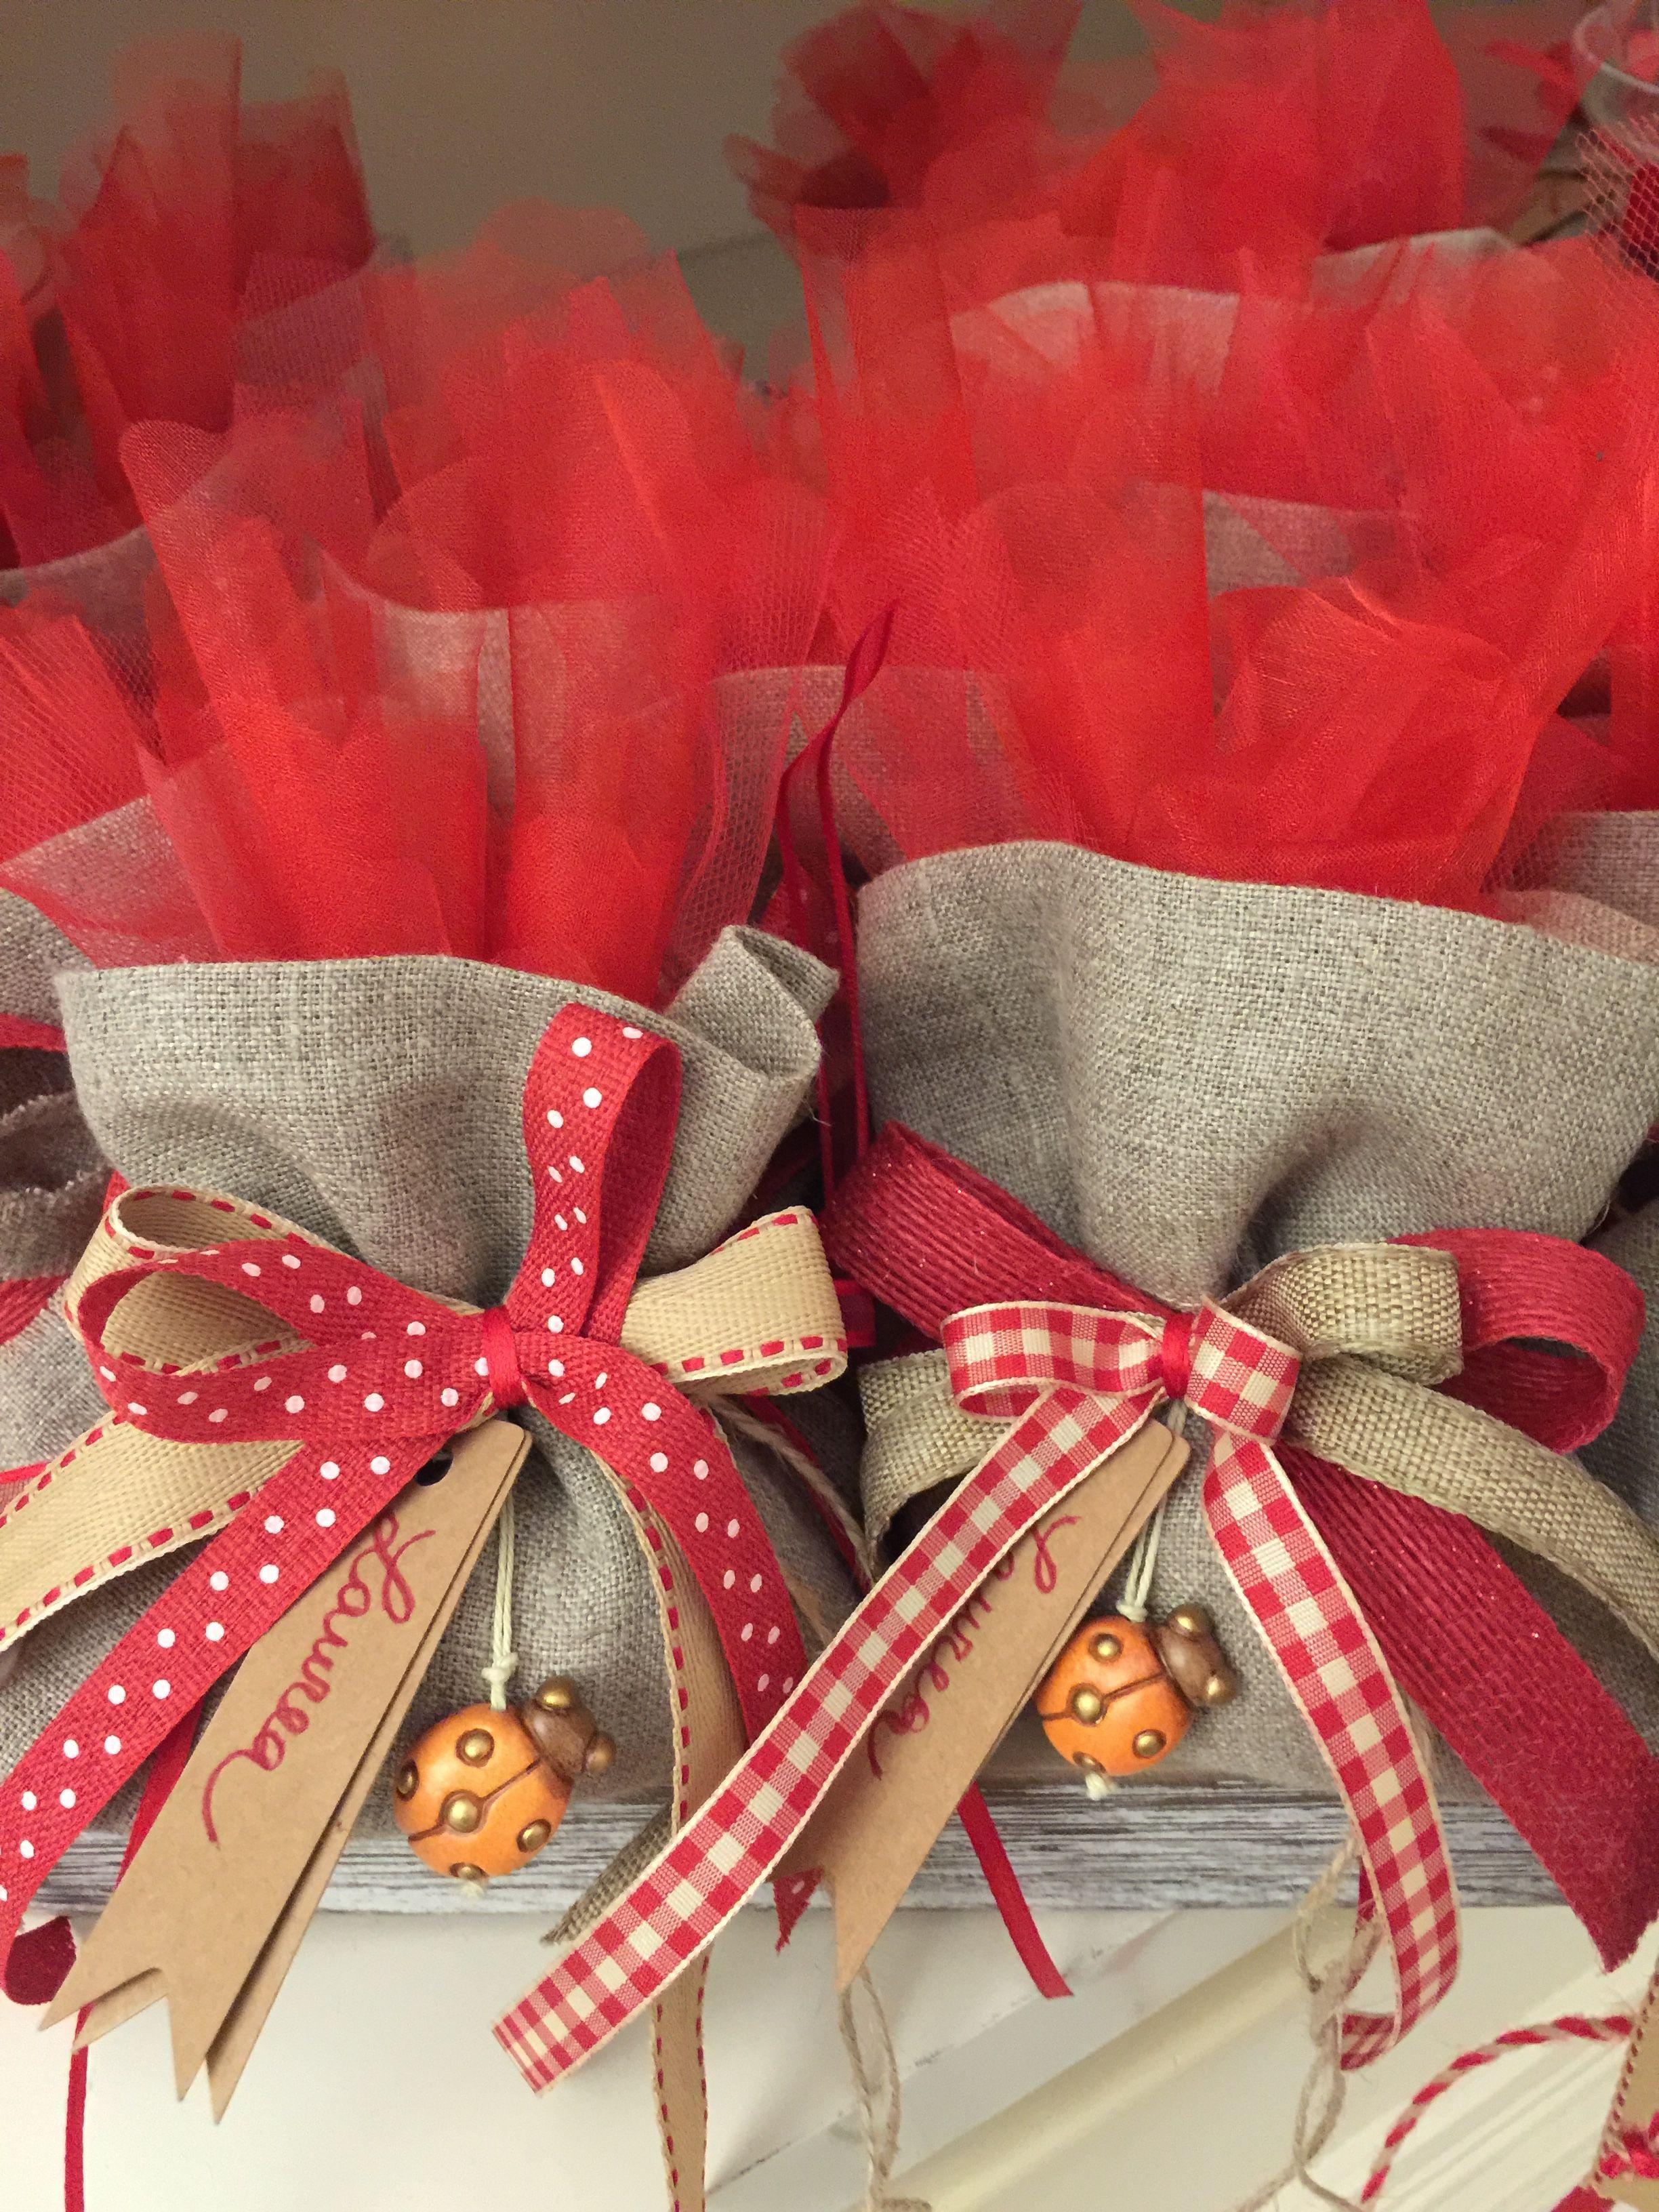 Particolare Sacchetti Laurea Coccinella Thun Avvolgimento Di Regali Decorazione Festa Di Laurea Natale Artigianato